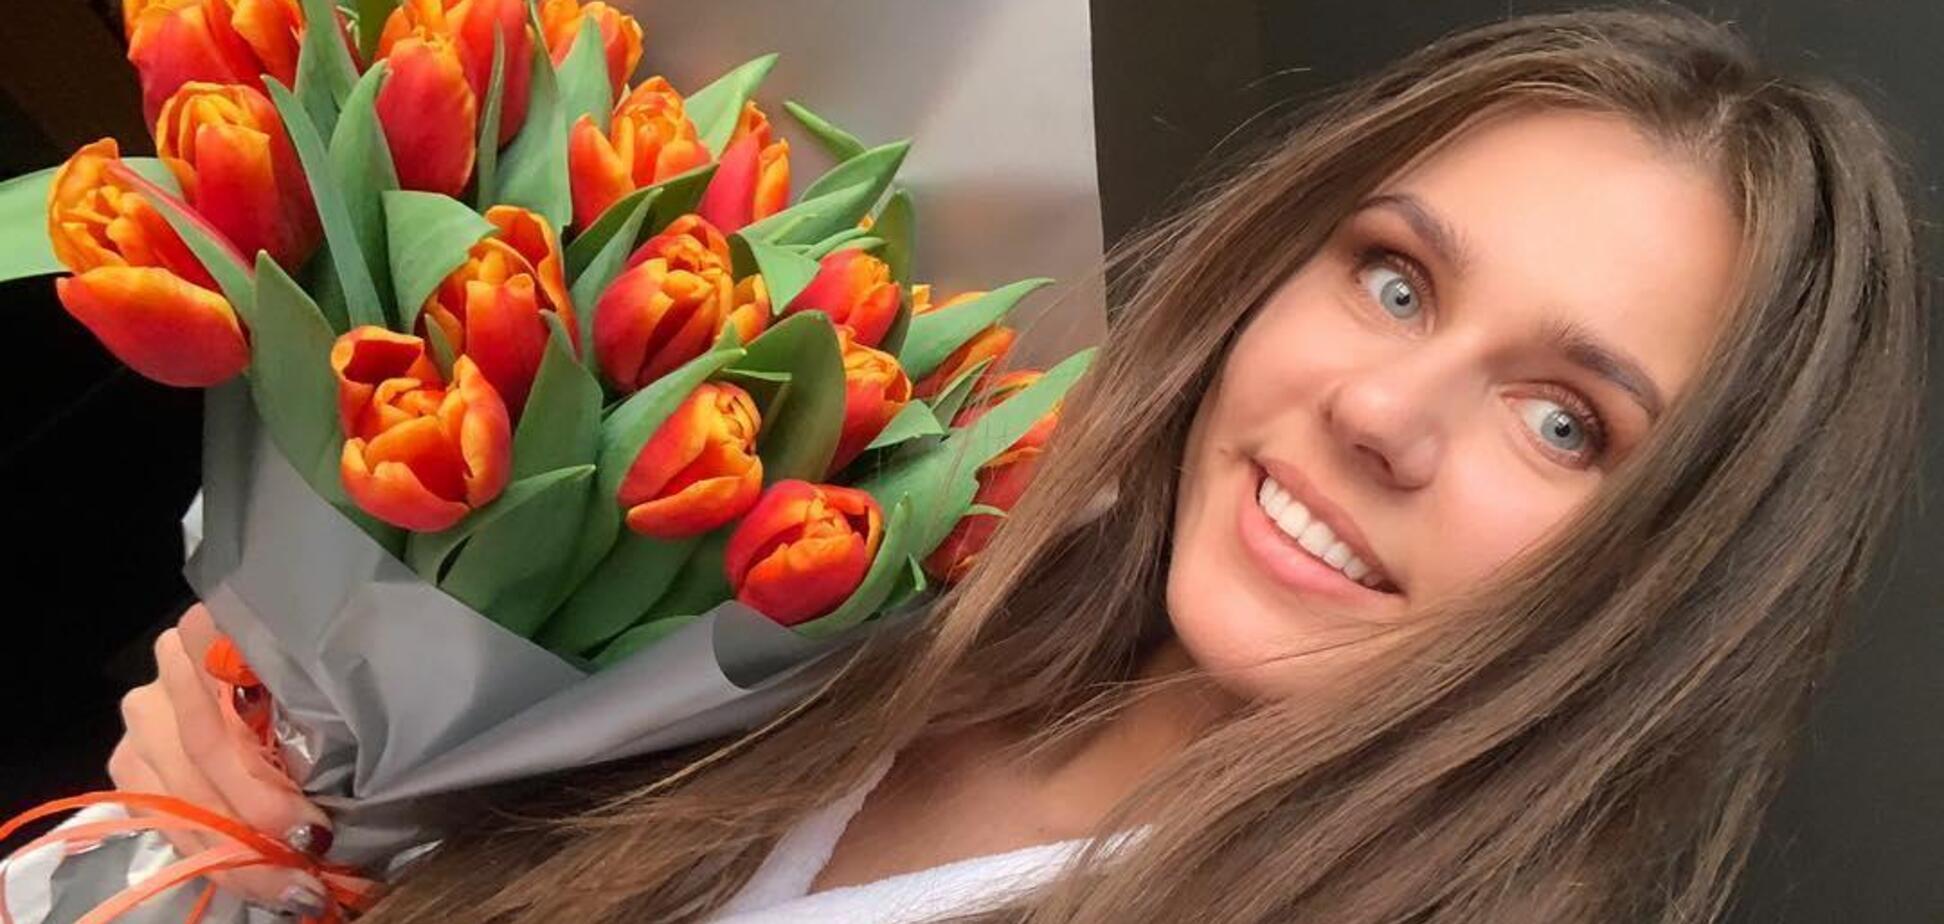 Юлія Біньковська стане мамою